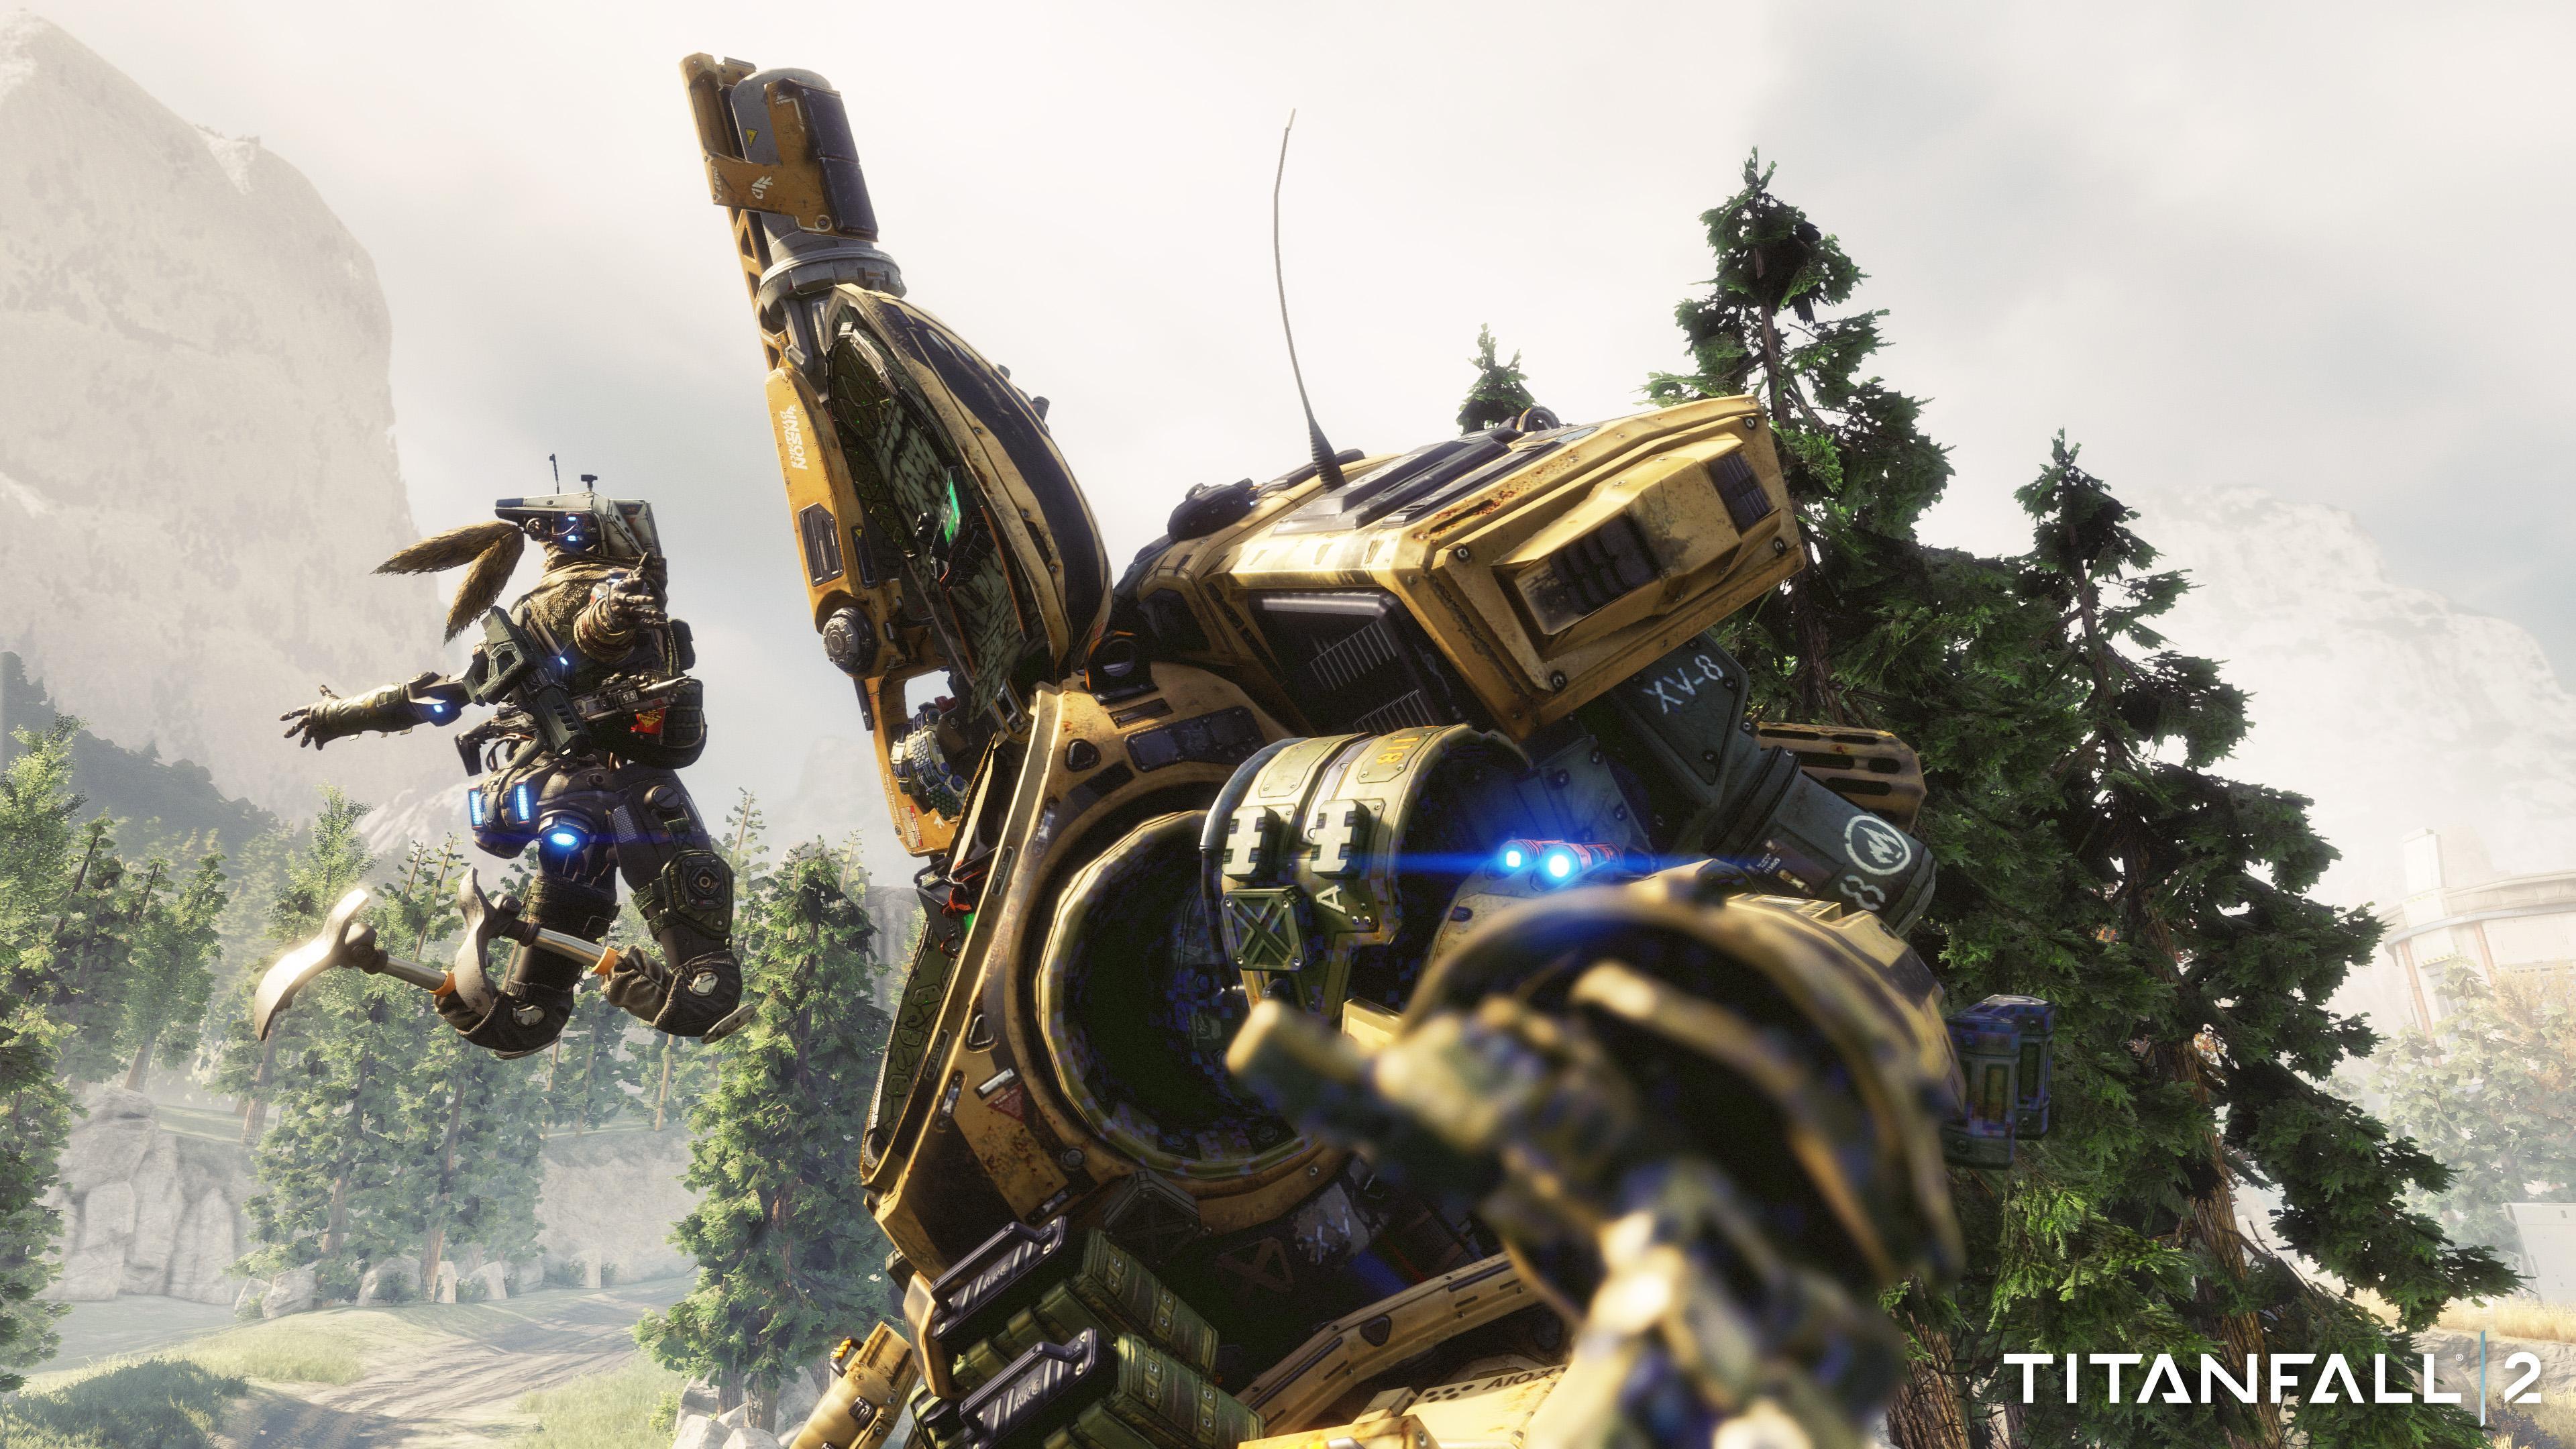 Titanfall 2 diventa gratuito per gli abbonati EA Access e Origin Access